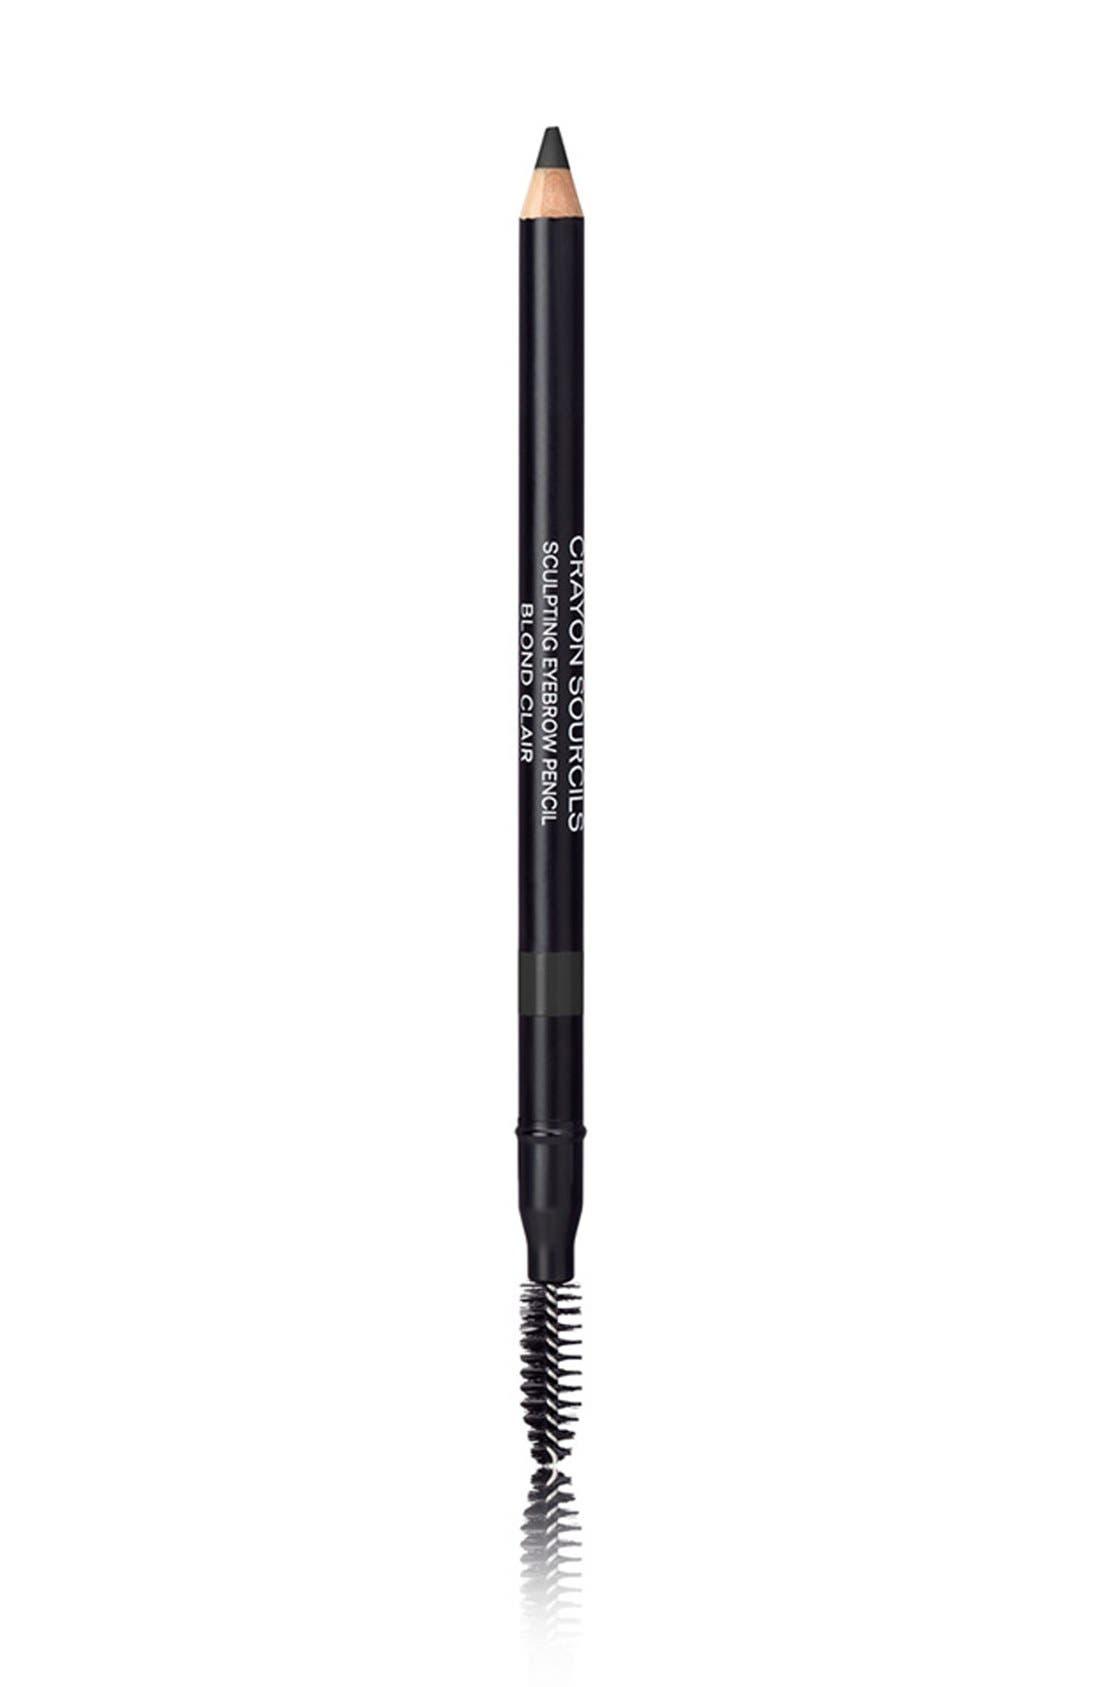 CHANEL, CRAYON SOURCILS<br />Sculpting Eyebrow Pencil, Alternate thumbnail 3, color, 60 NOIR CENDRE